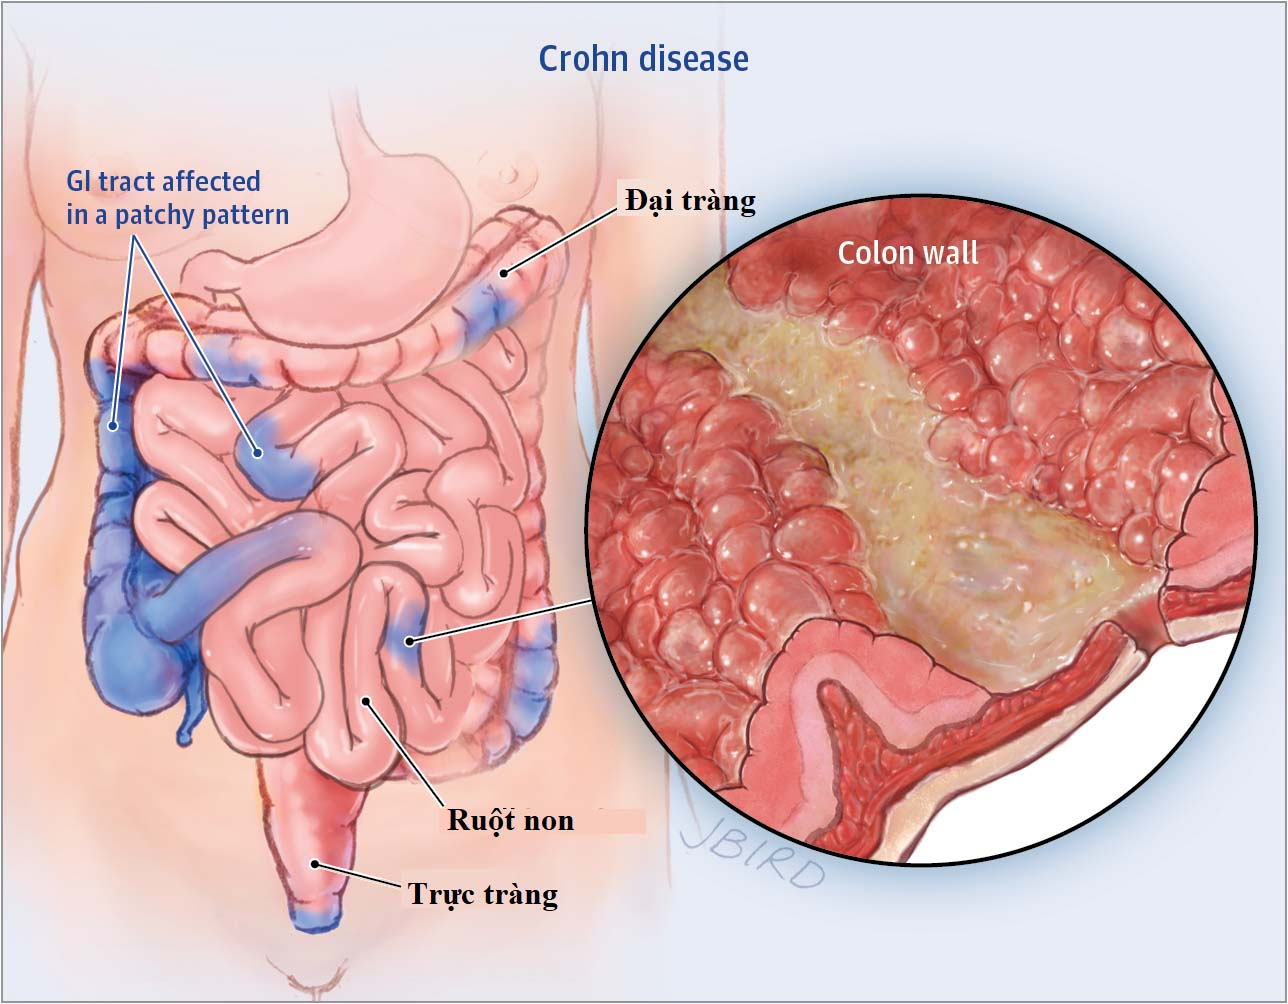 Vị trí viêm do bệnh Crohn